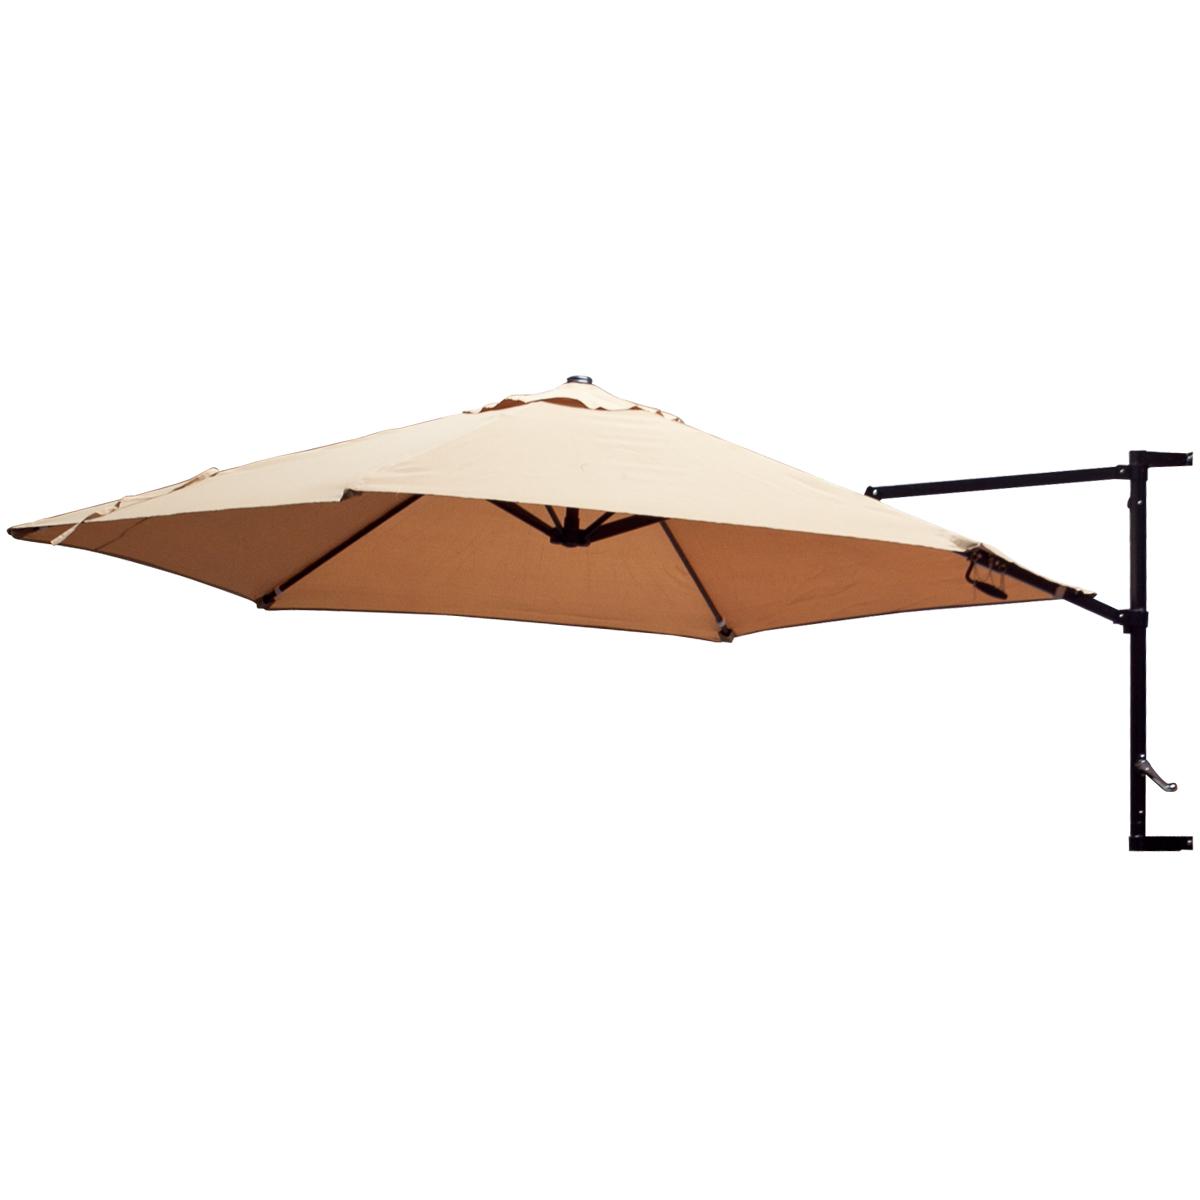 Offset Umbrella Patio Wall Mount Garden Outdoor Sun Canopy